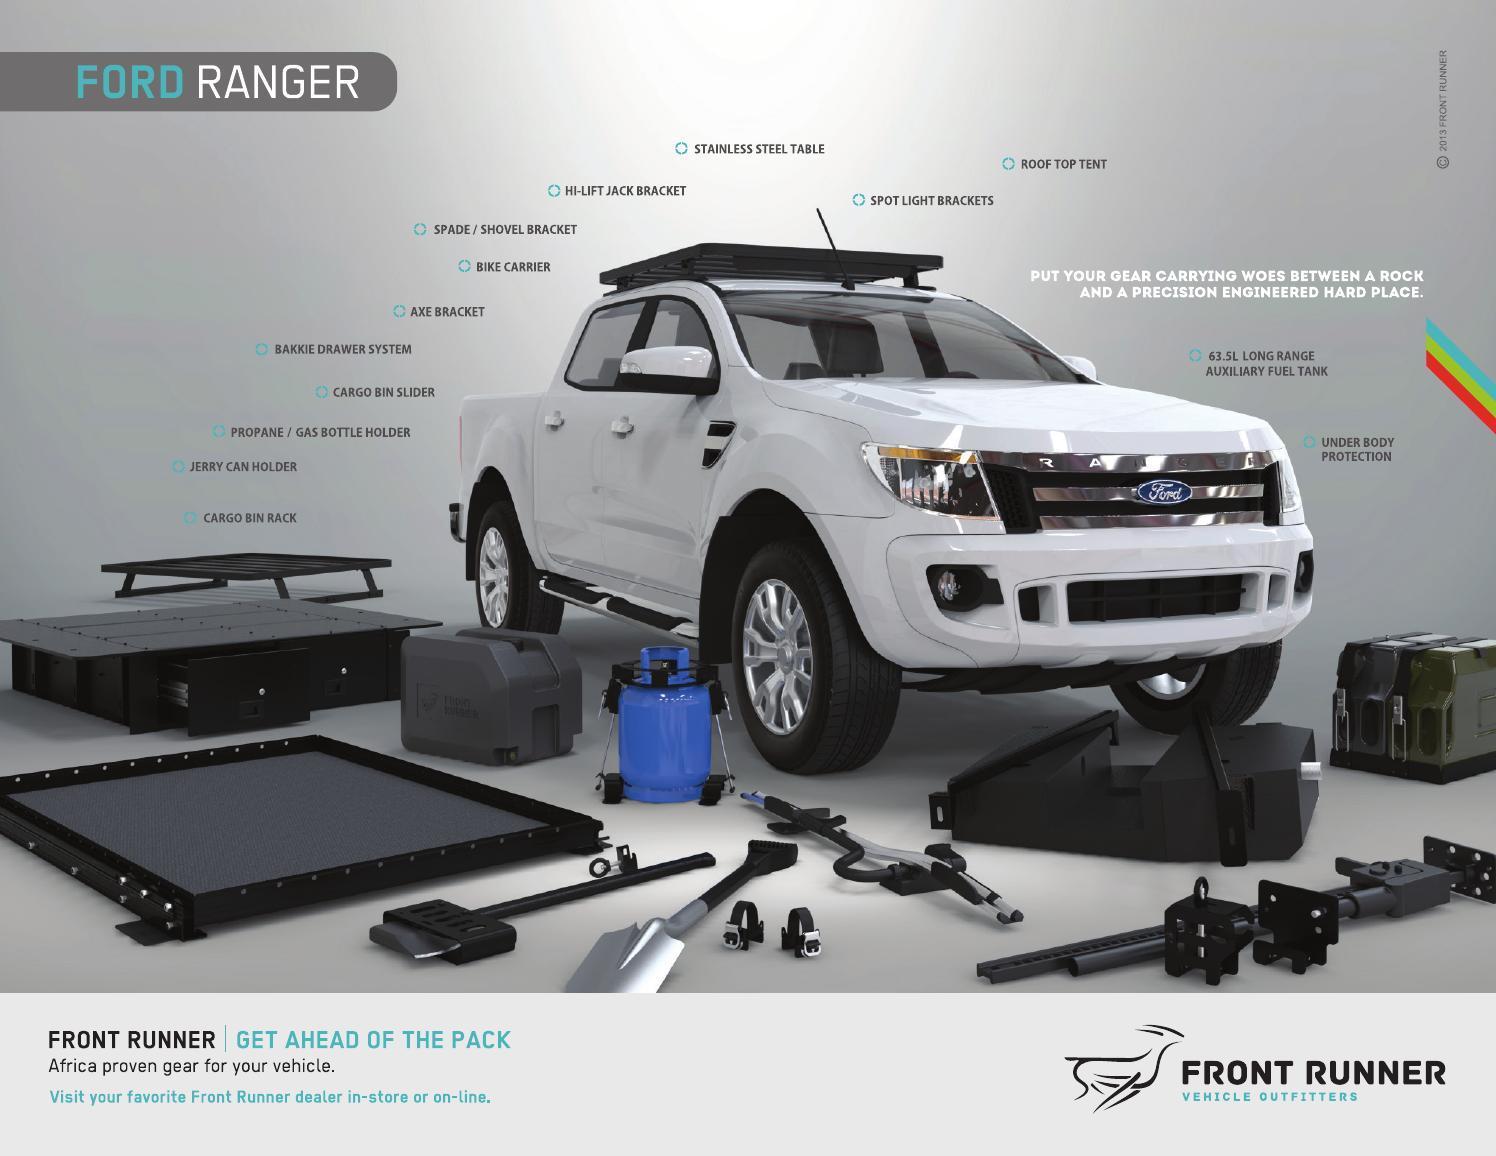 Front Runner Ford Ranger Brochure_USA